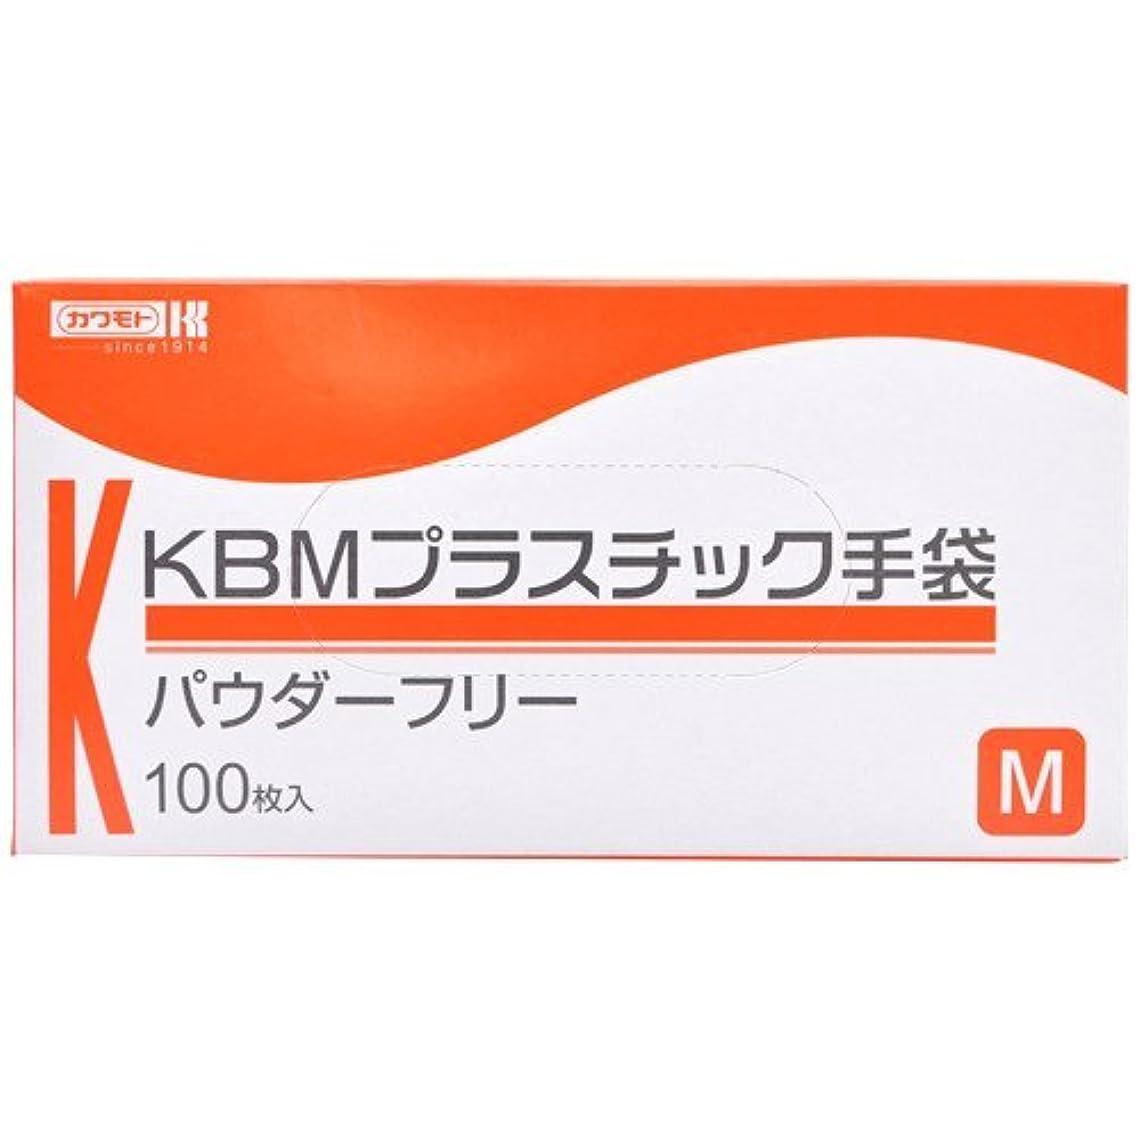 ケイ素取得する手入れ川本産業 KBMプラスチック手袋 パウダーフリー M 100枚入